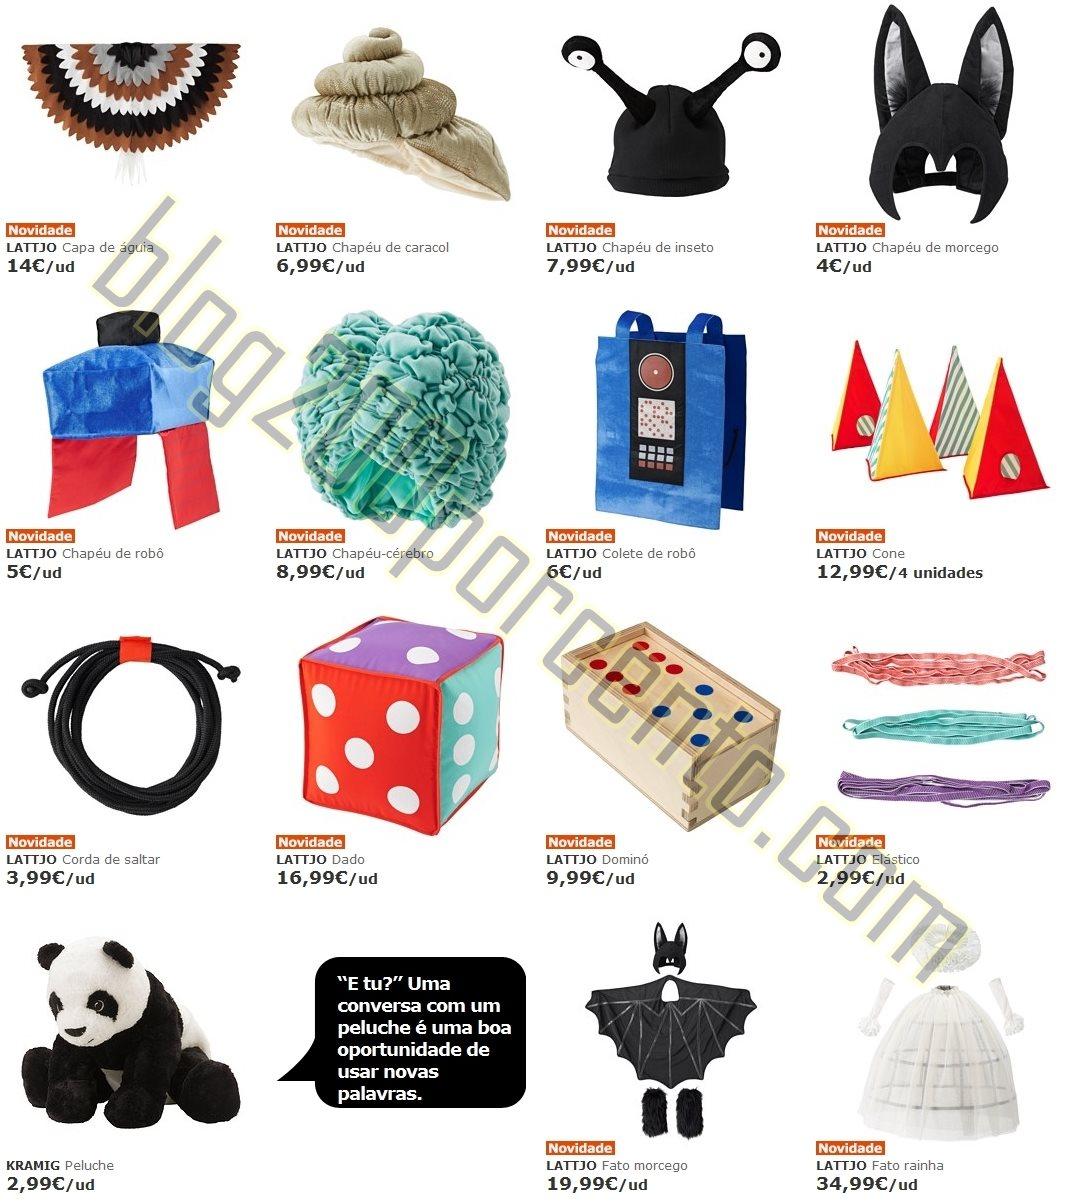 Novas Promoções IKEA Brinquedos Natal p6.jpg